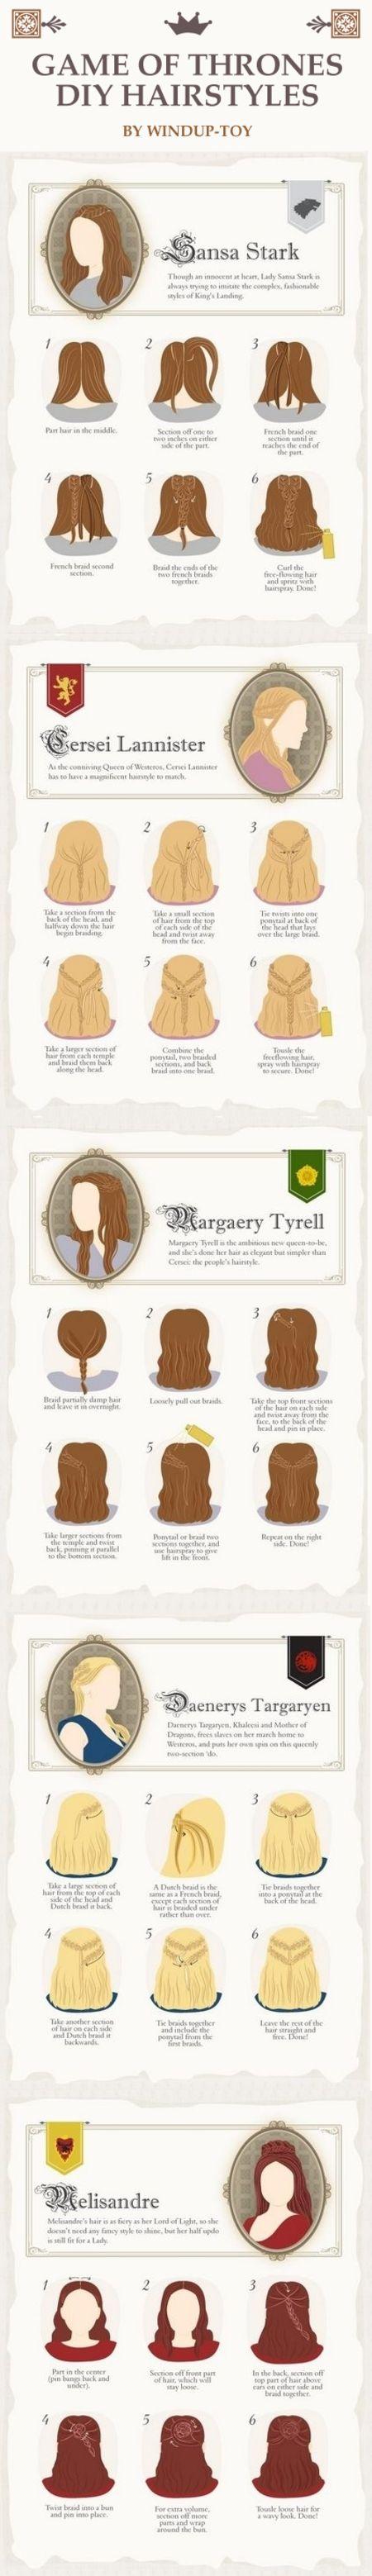 Game of Thrones DIY Hairstyles by Windup-Toy! @alejjisbu1978 mira que bello  para ti que eres una gran fan!